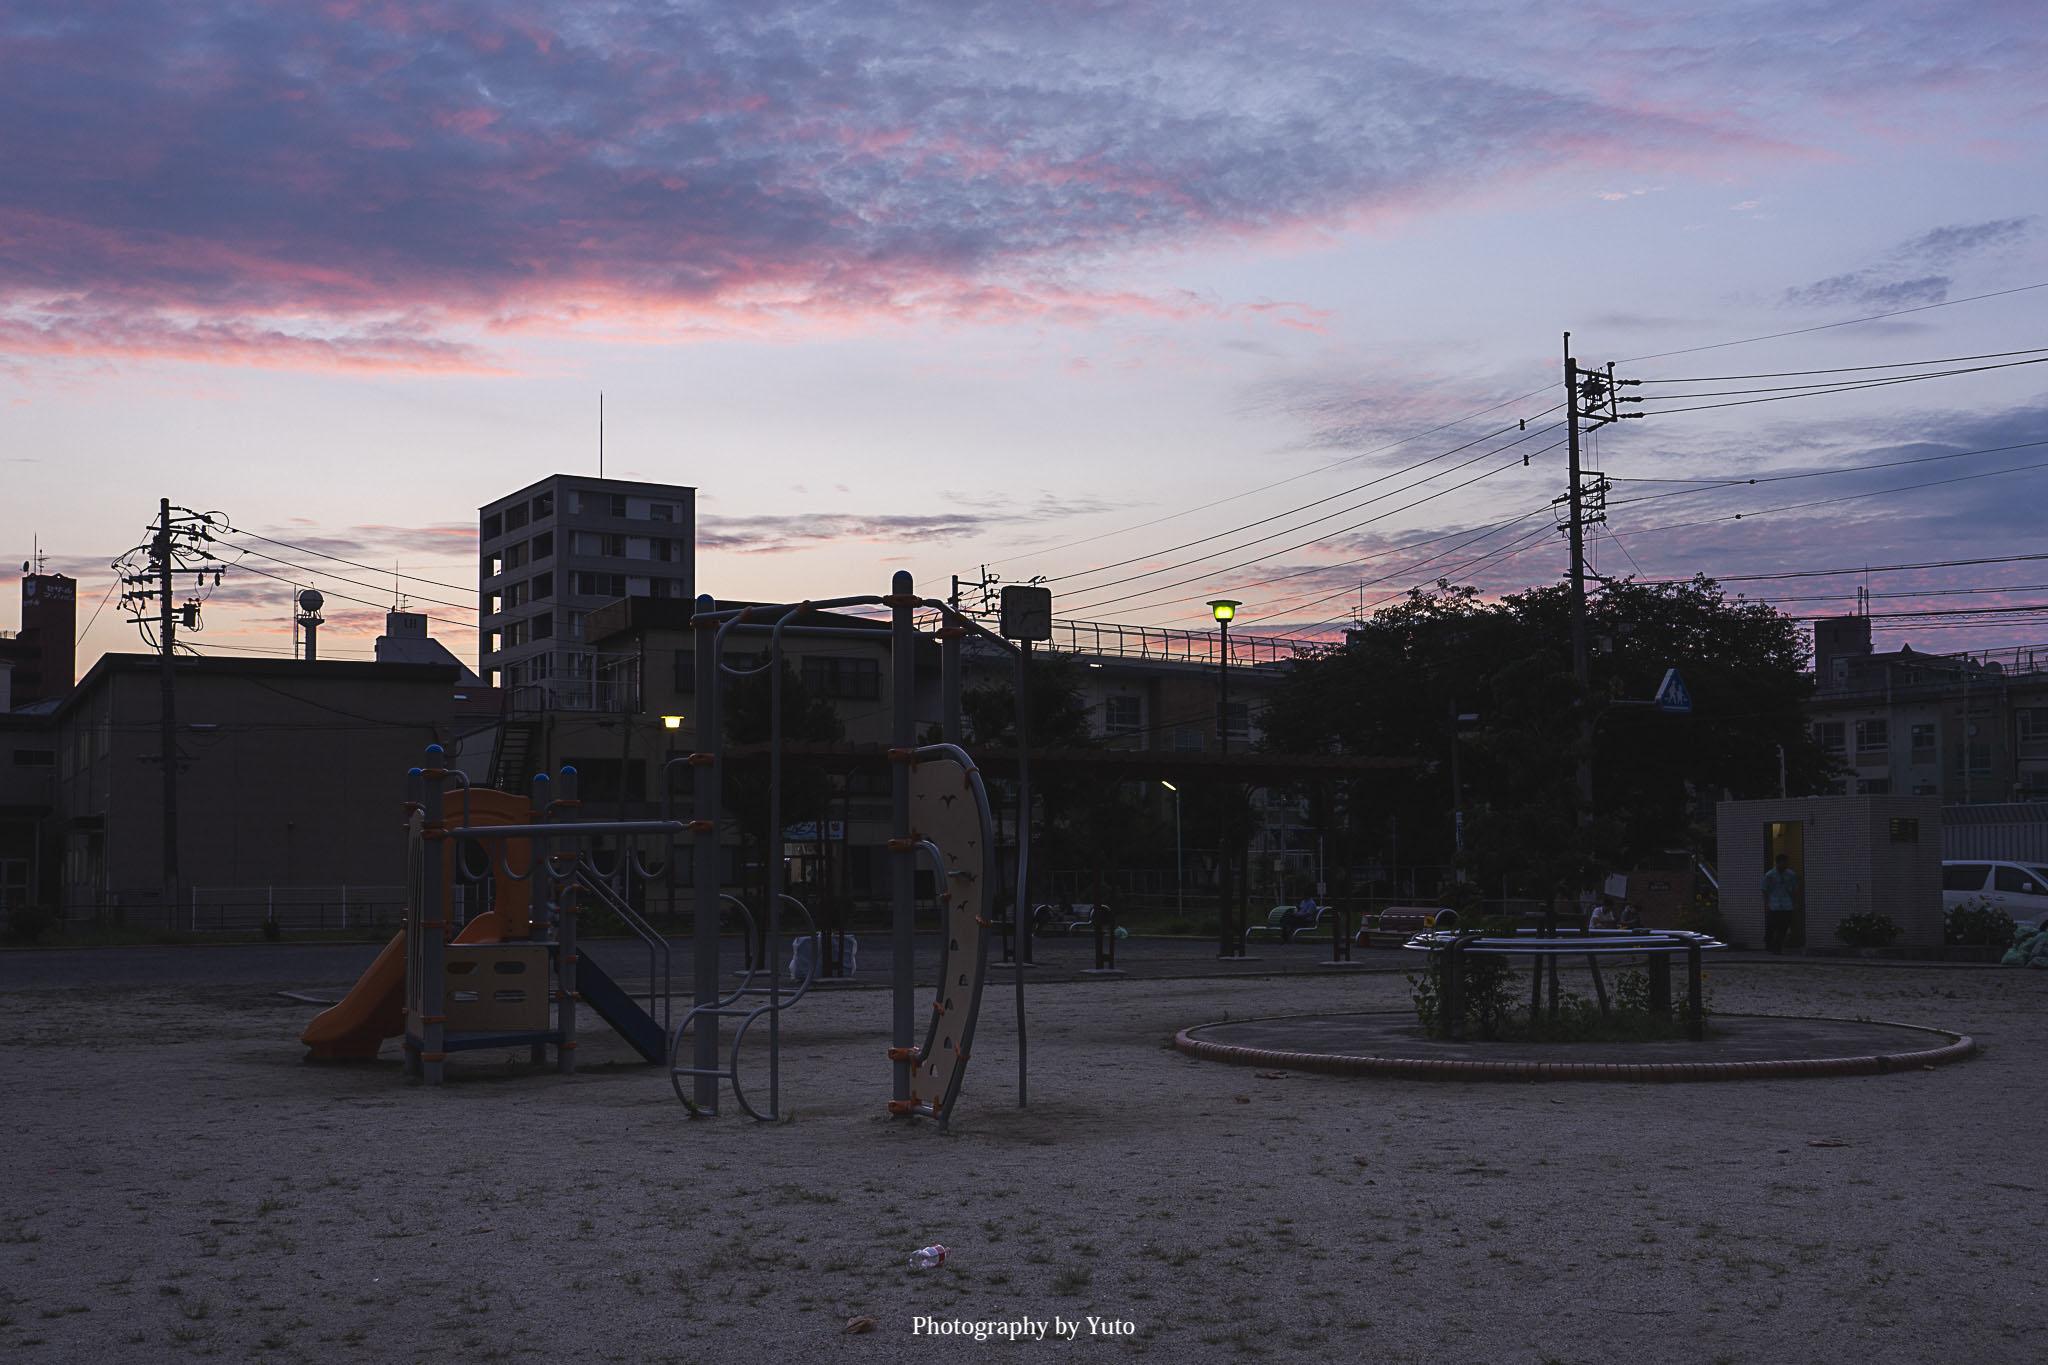 牧野公園 愛知県名古屋市中村区